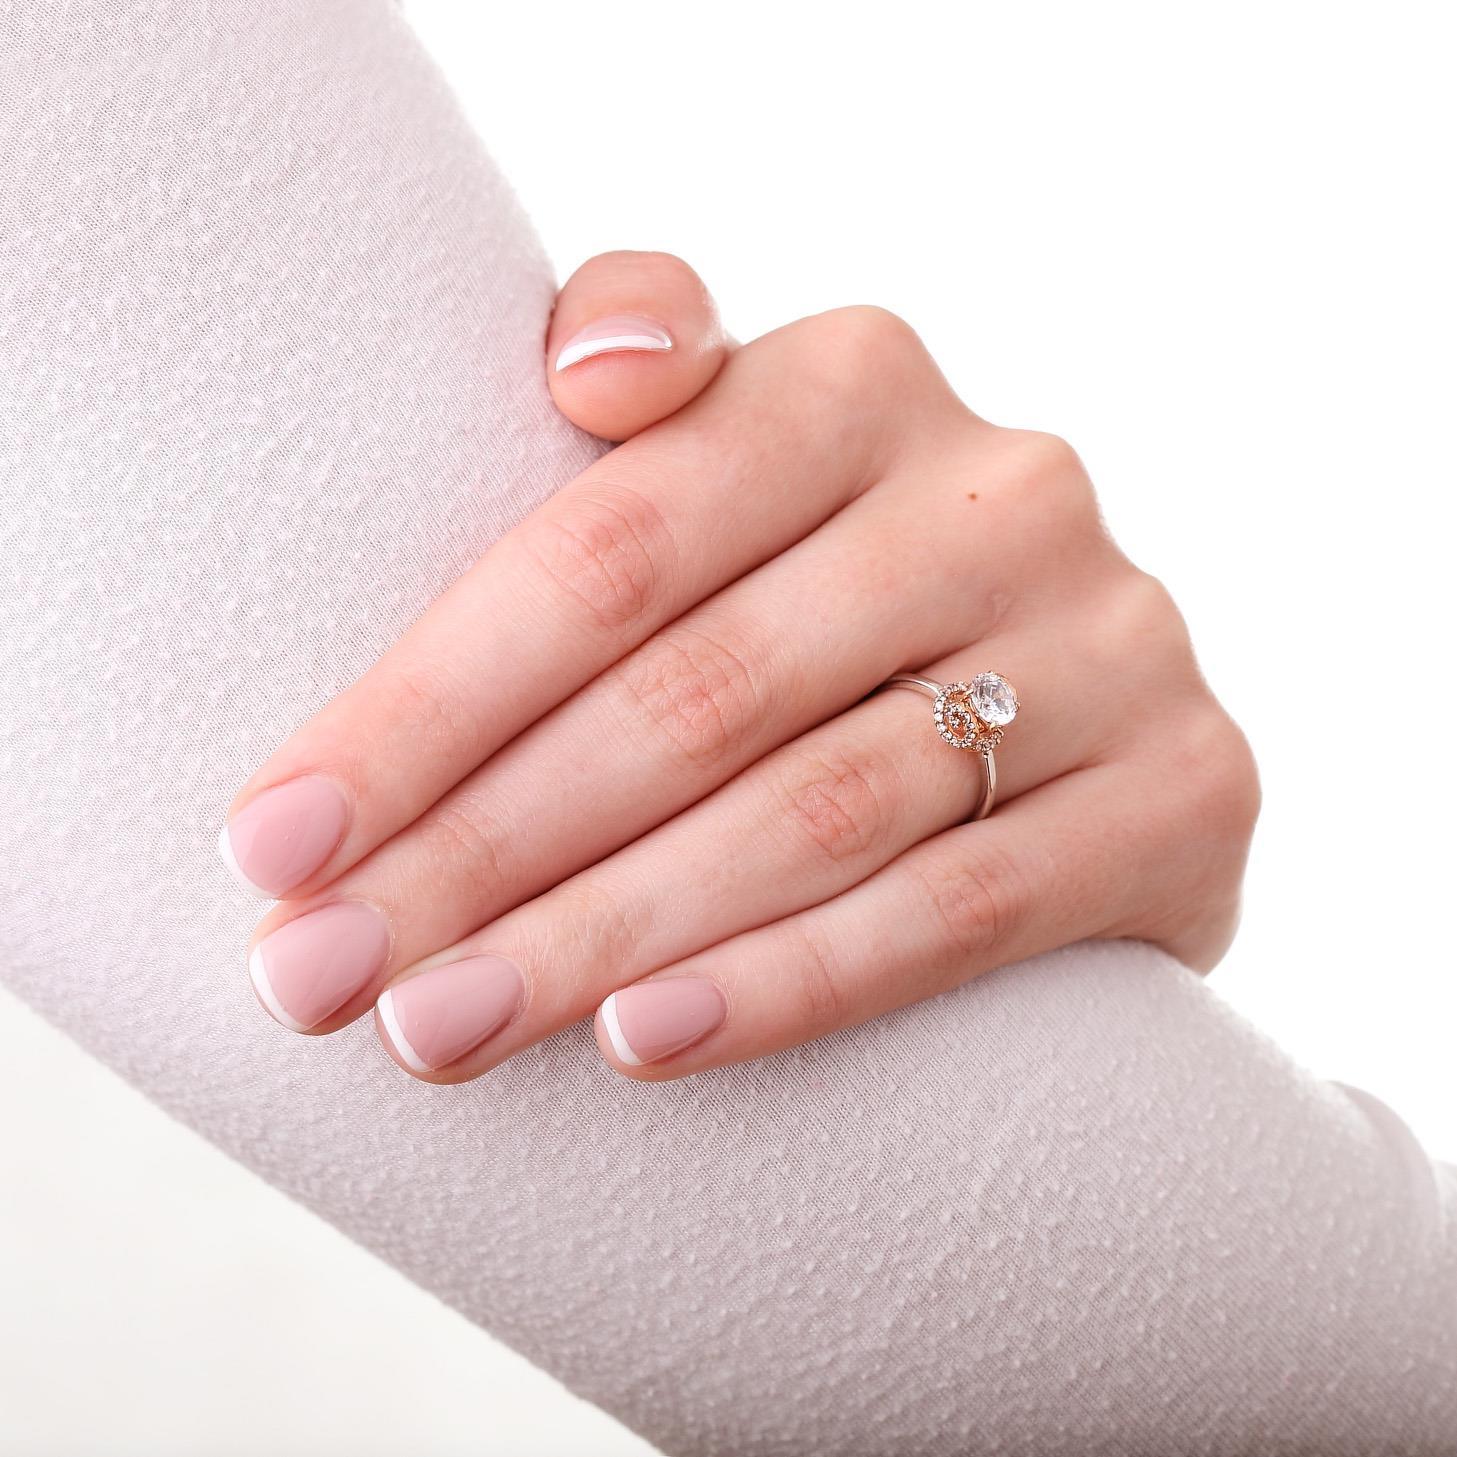 ... zlatý zásnubný prsteň ottavia 3 ae5d0d6e6bc